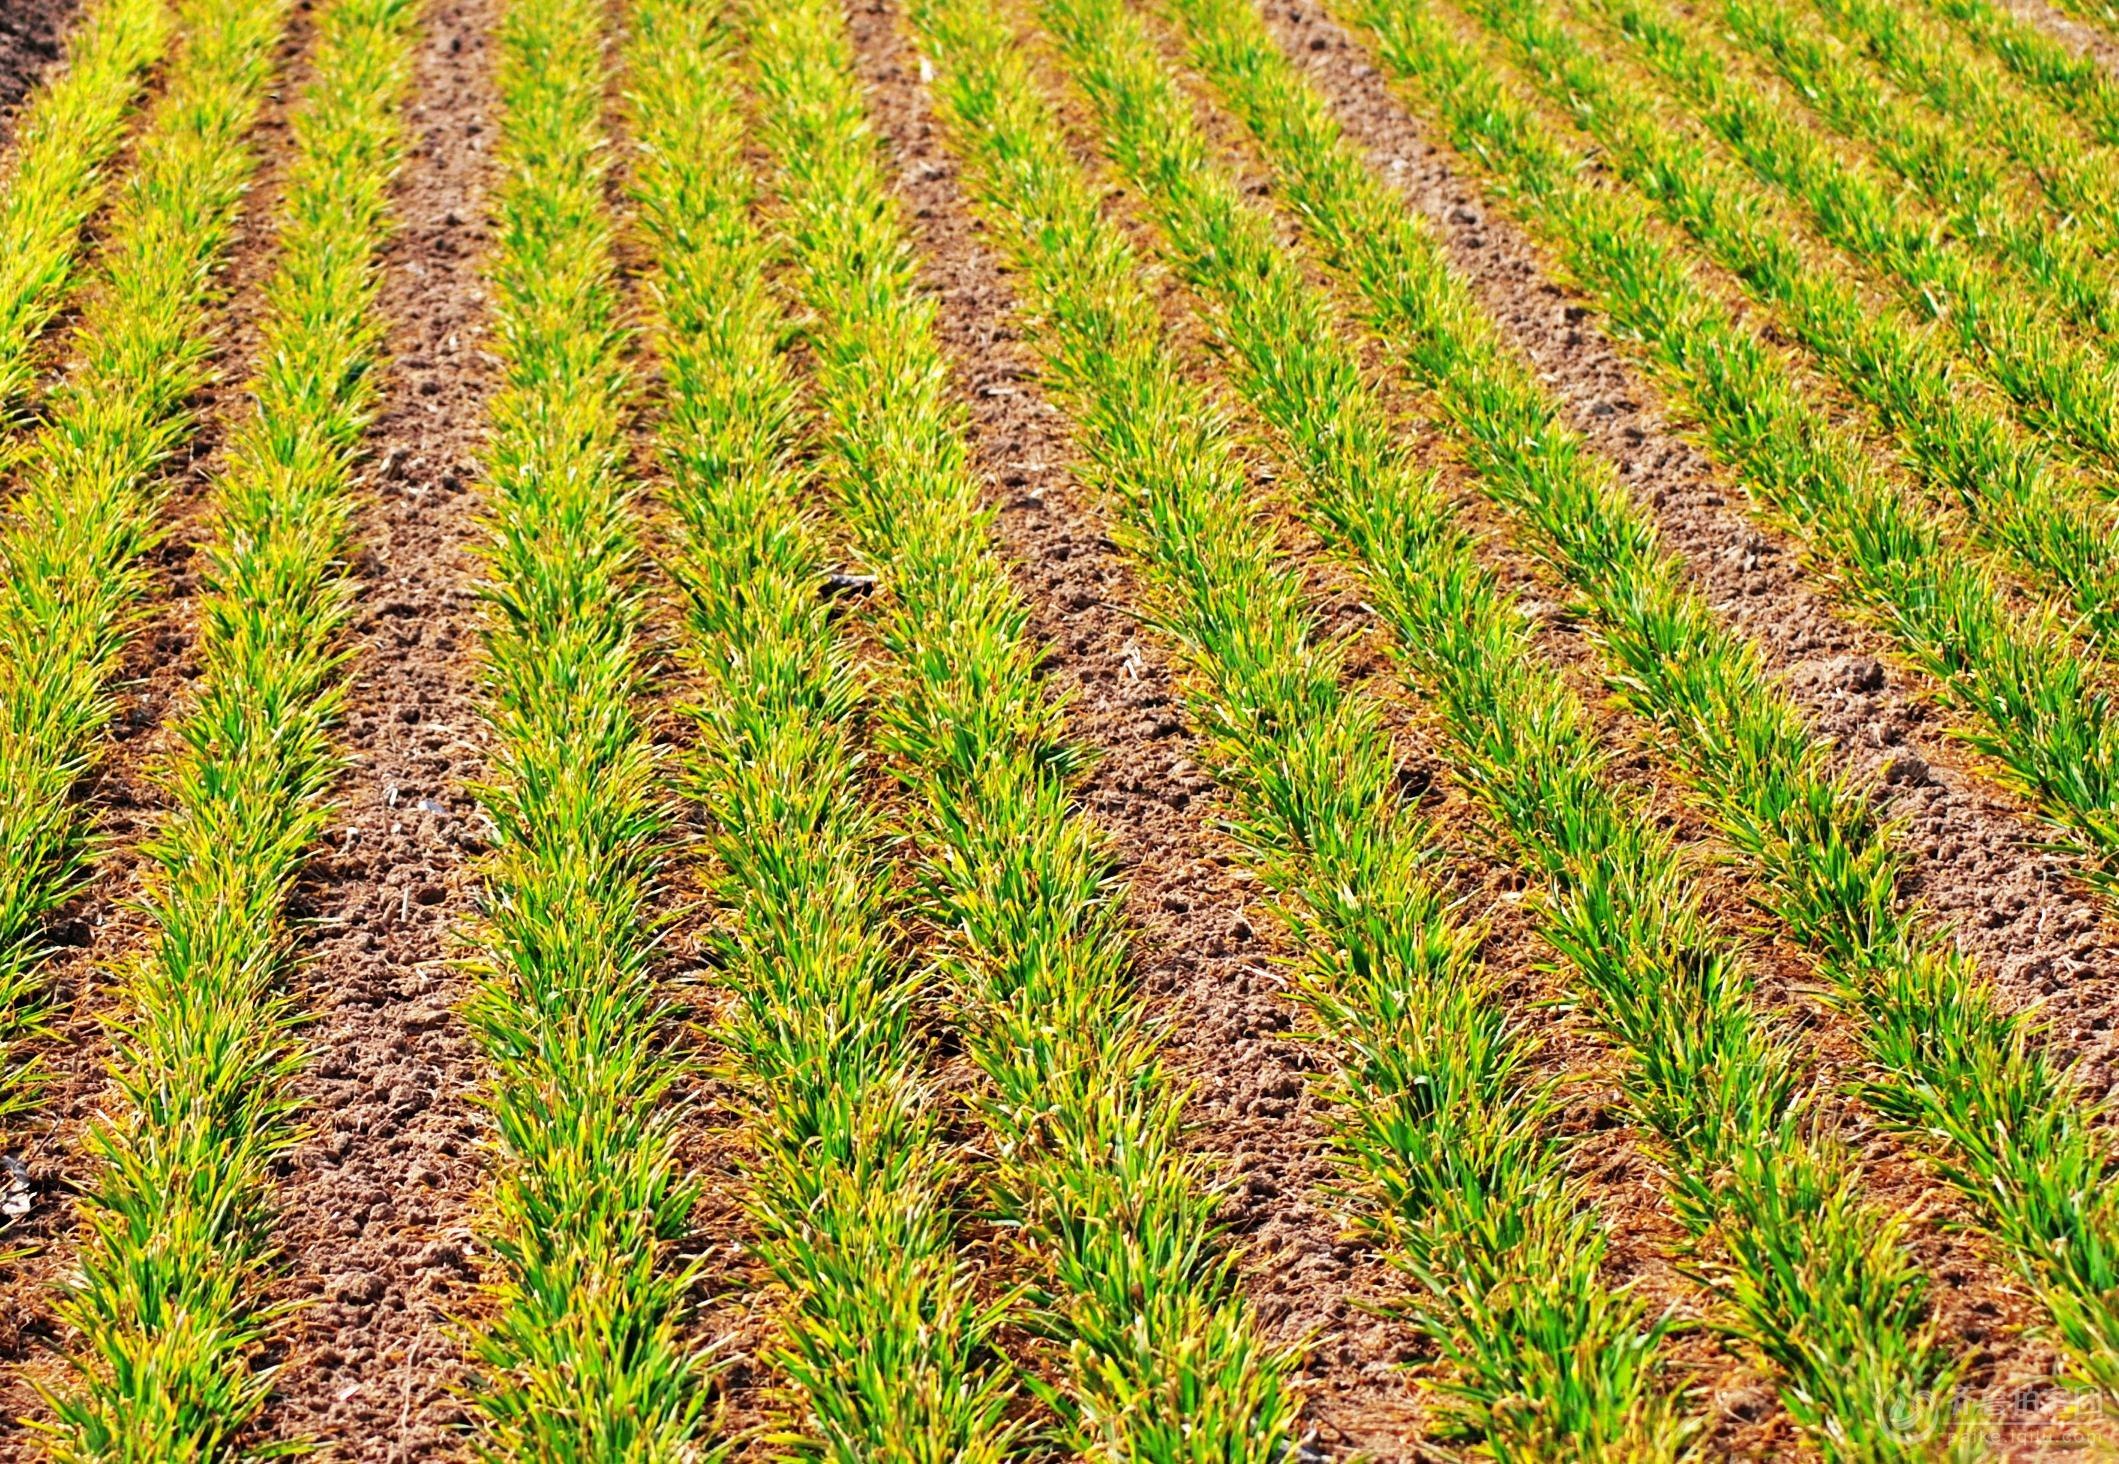 春天到了,小麦返青